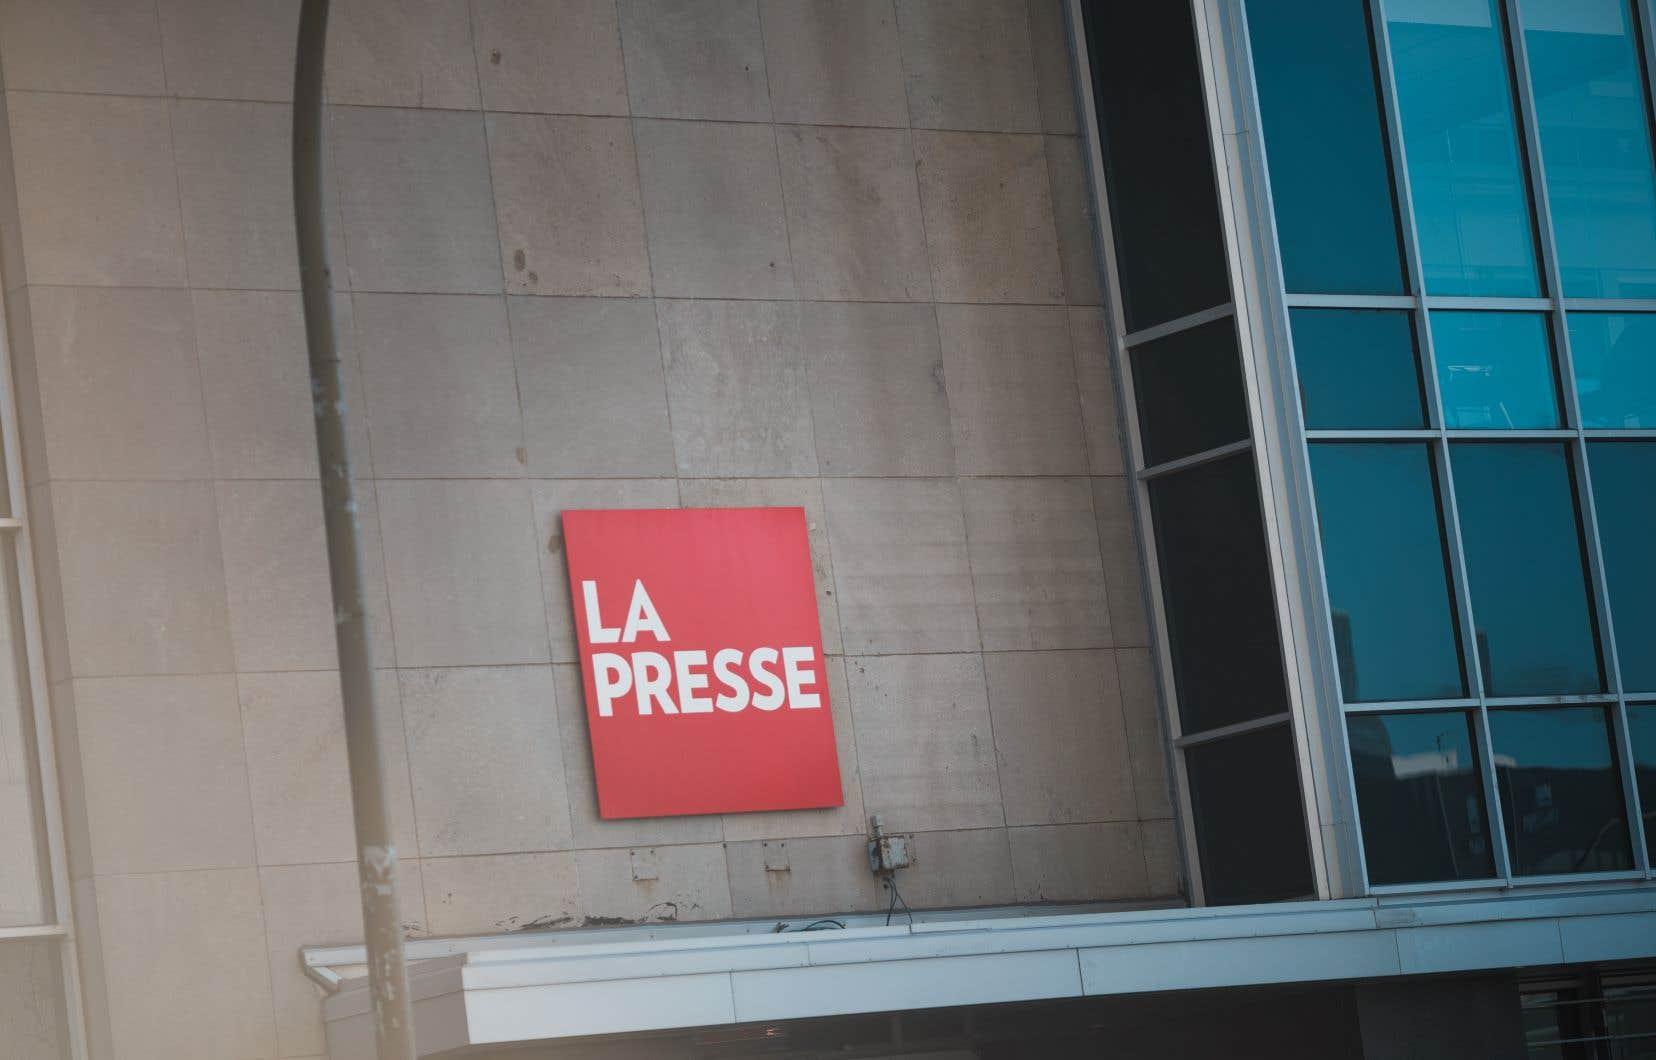 Le PQ demande des garanties sur l'indépendance éditoriale de «La Presse», mais la direction a laissé entendre qu'elle voulait conserver sa position éditoriale fédéraliste.